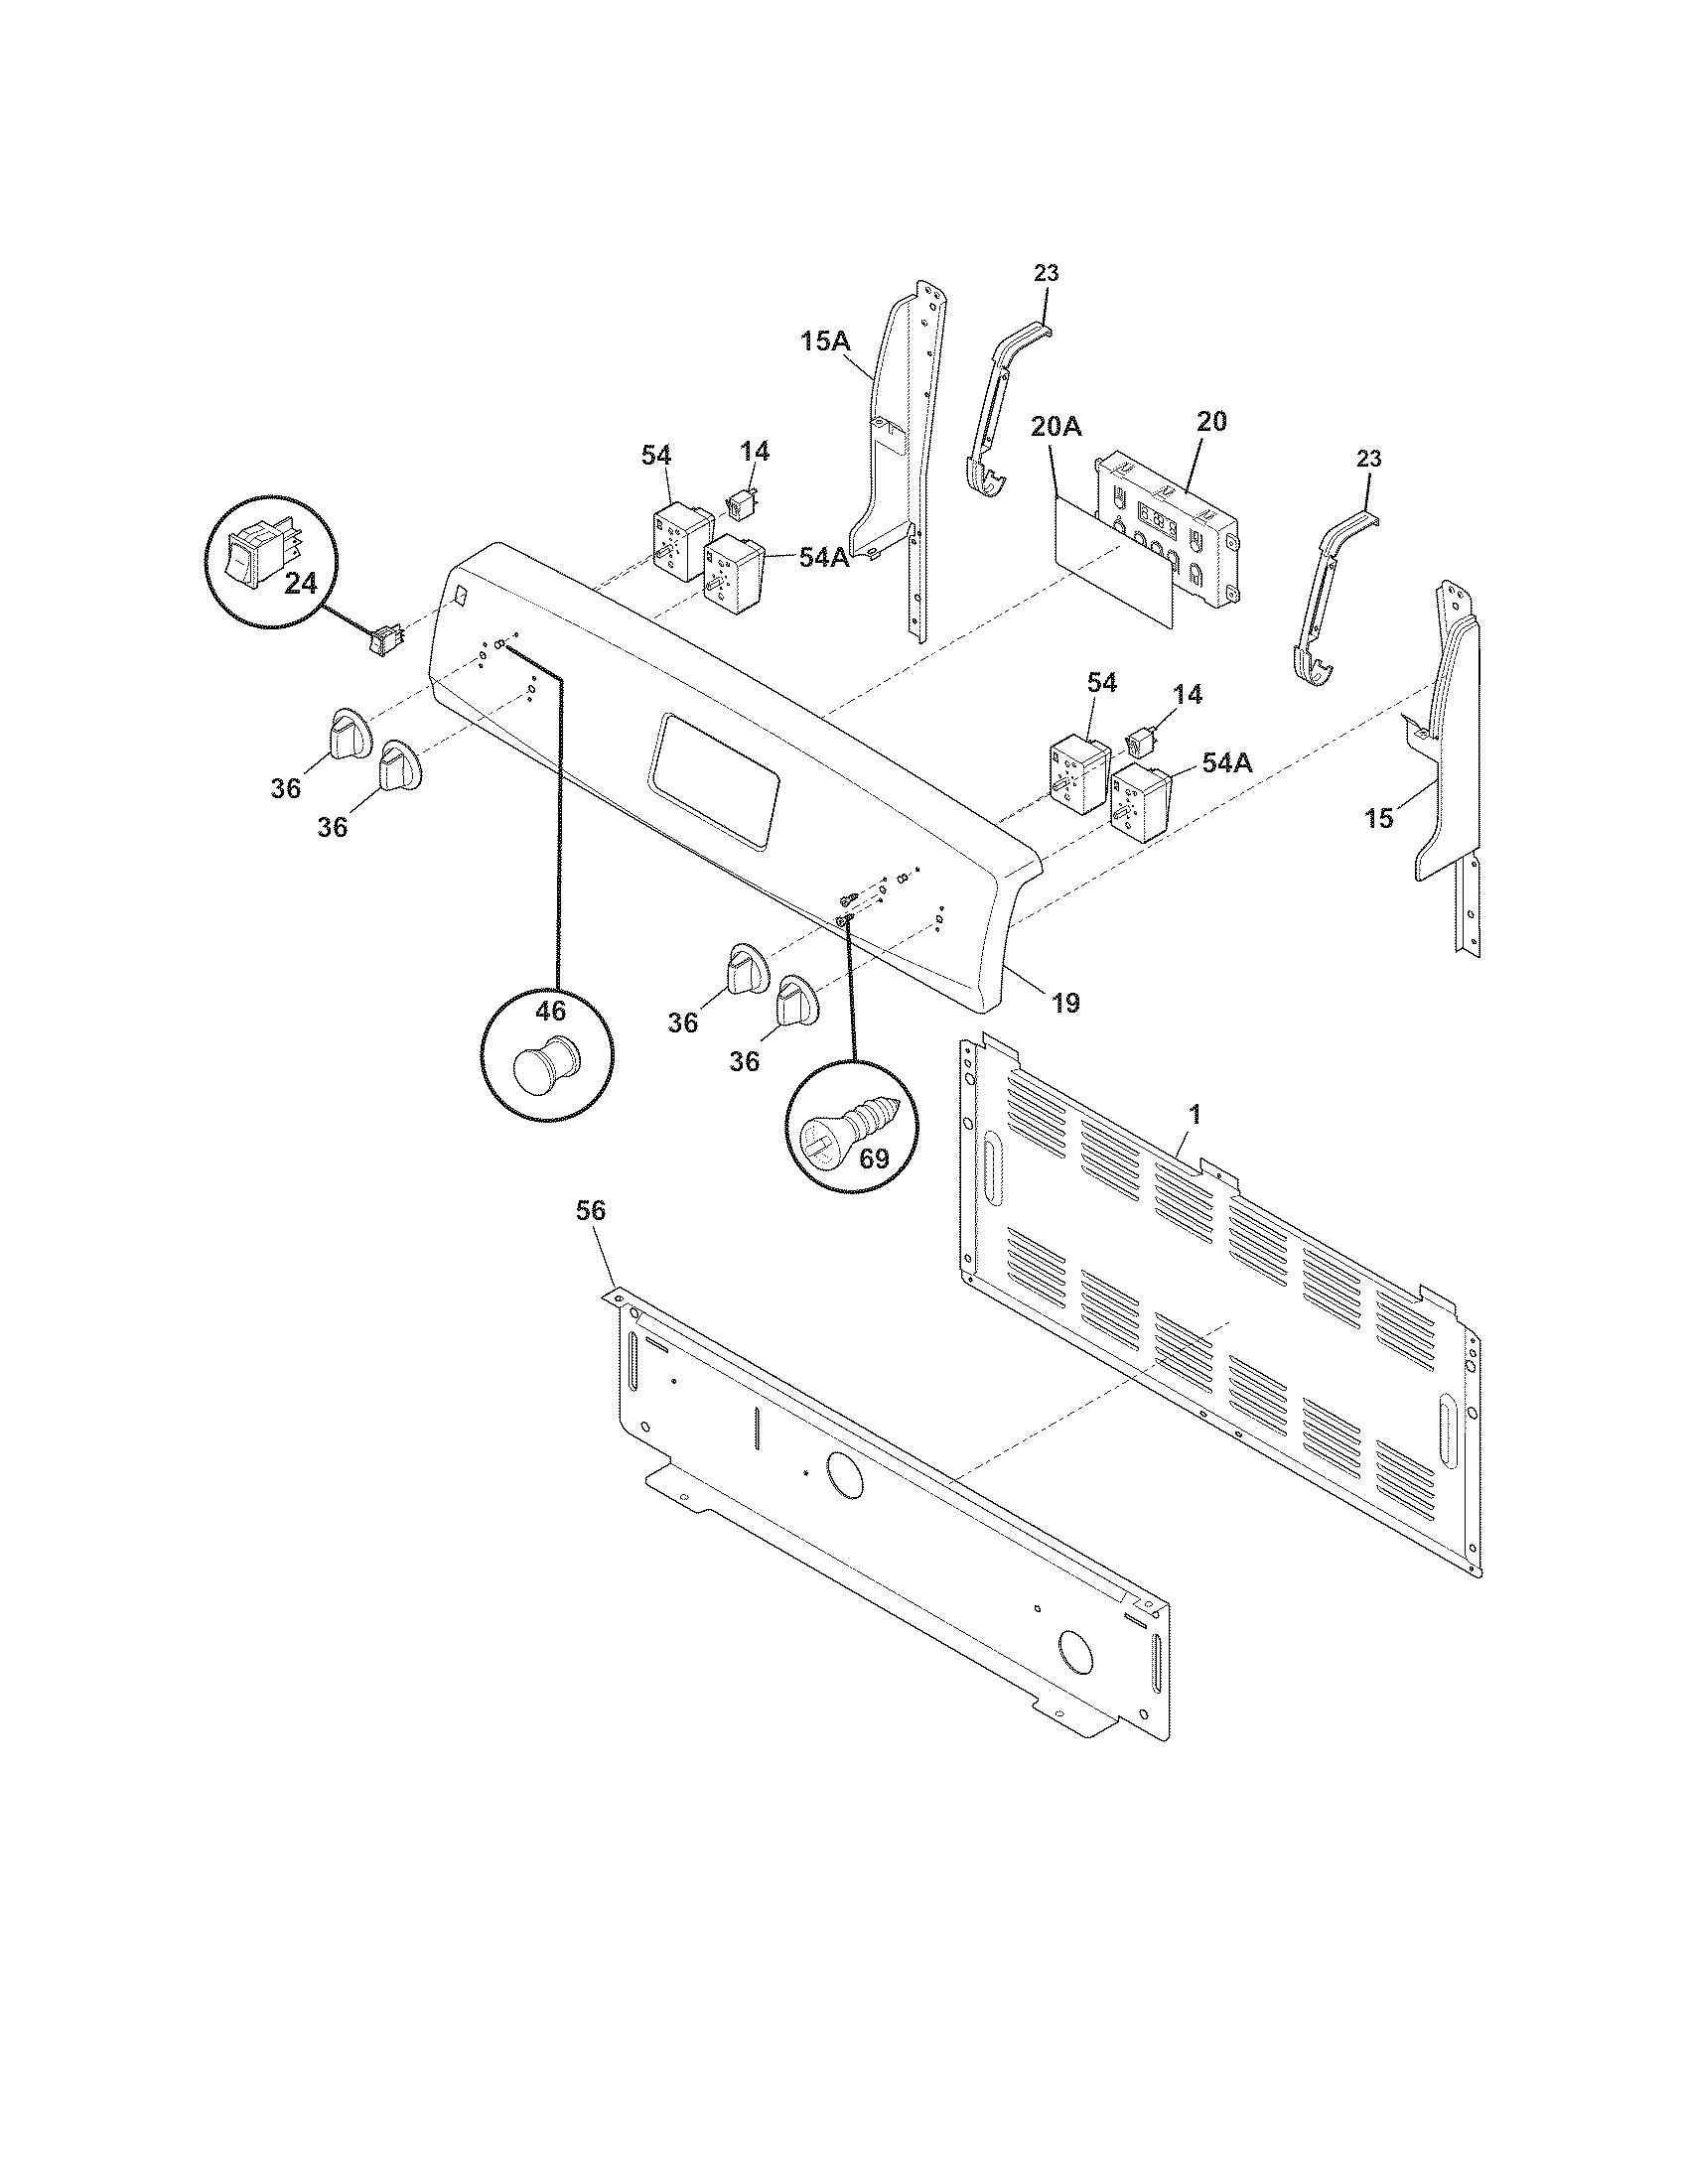 Kenmore 790 Range Indicator Light